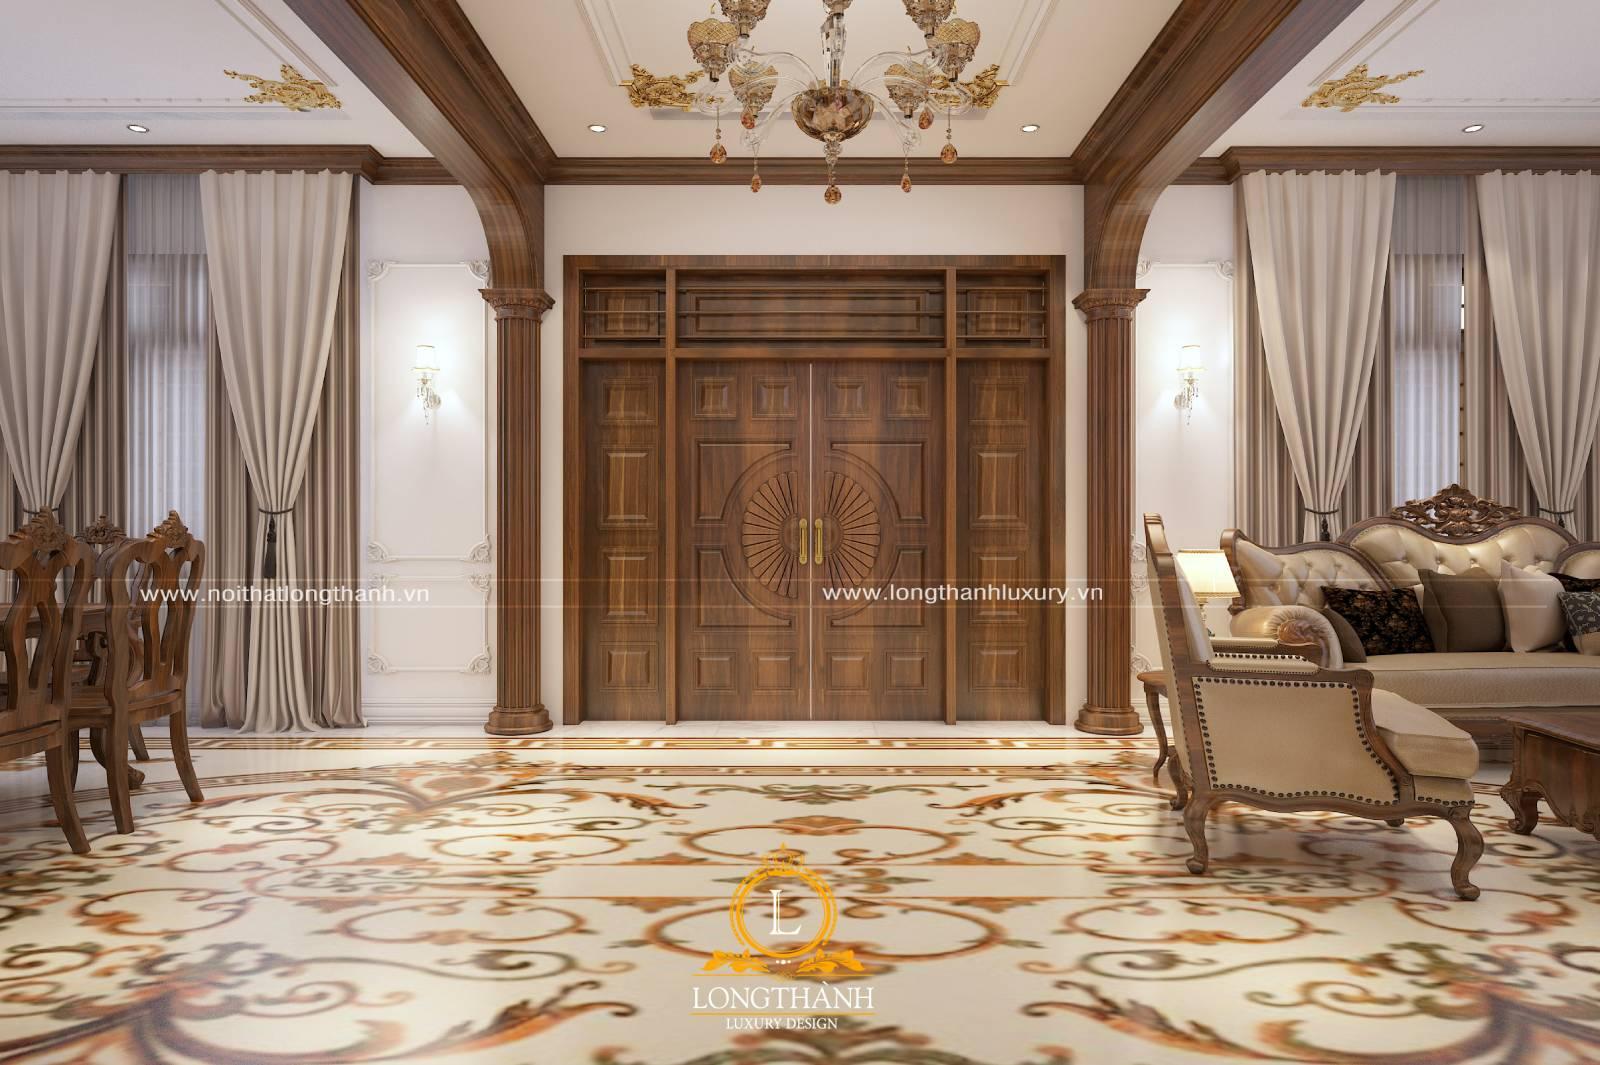 Mẫu cửa gỗ cho cho không gian phòng khách được nhều người yêu thích